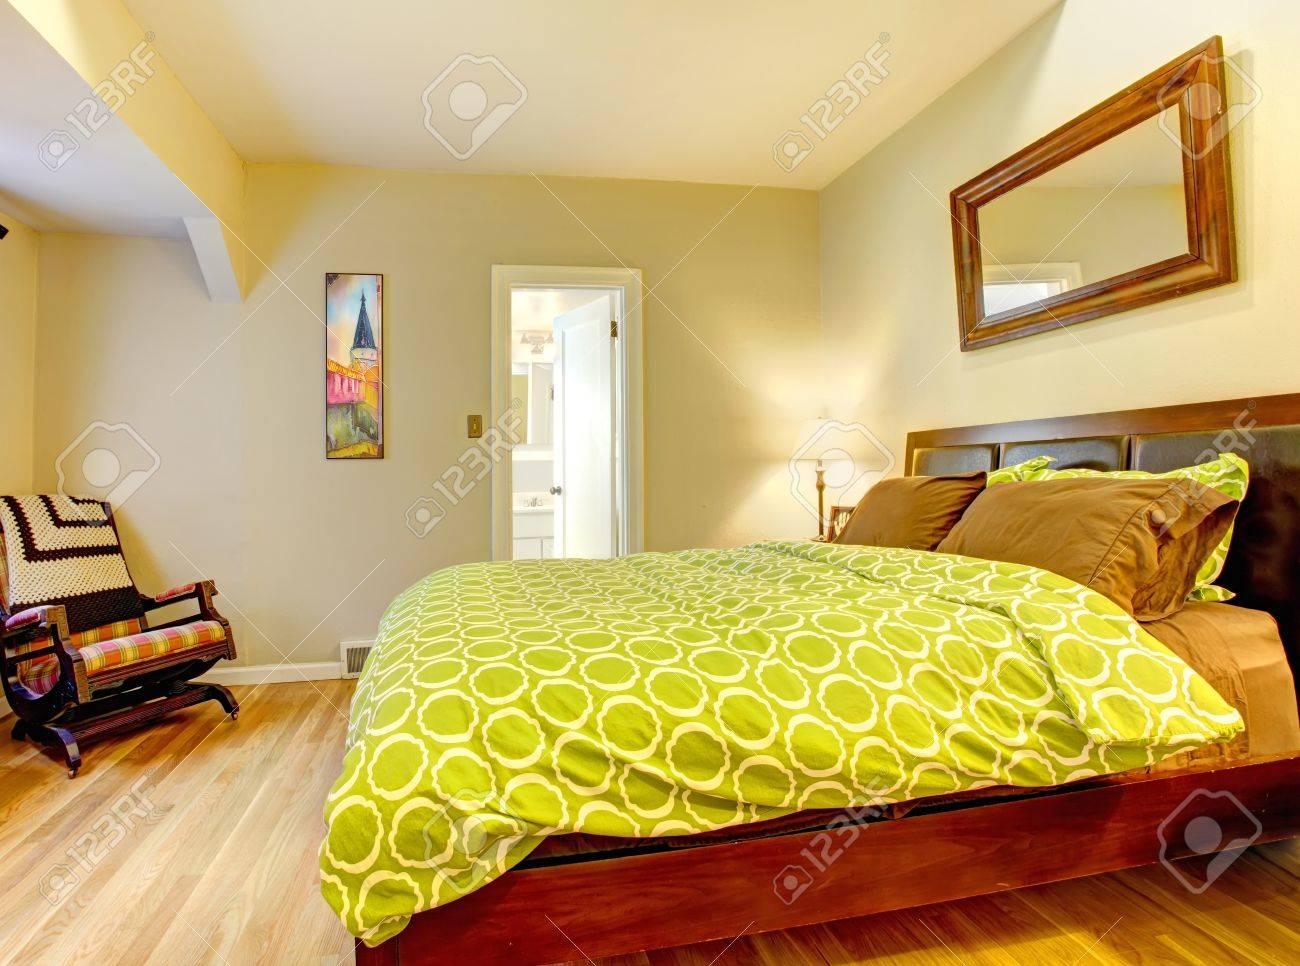 Chambre à coucher moderne avec couvre-lit vert clair et plancher de bois  franc.